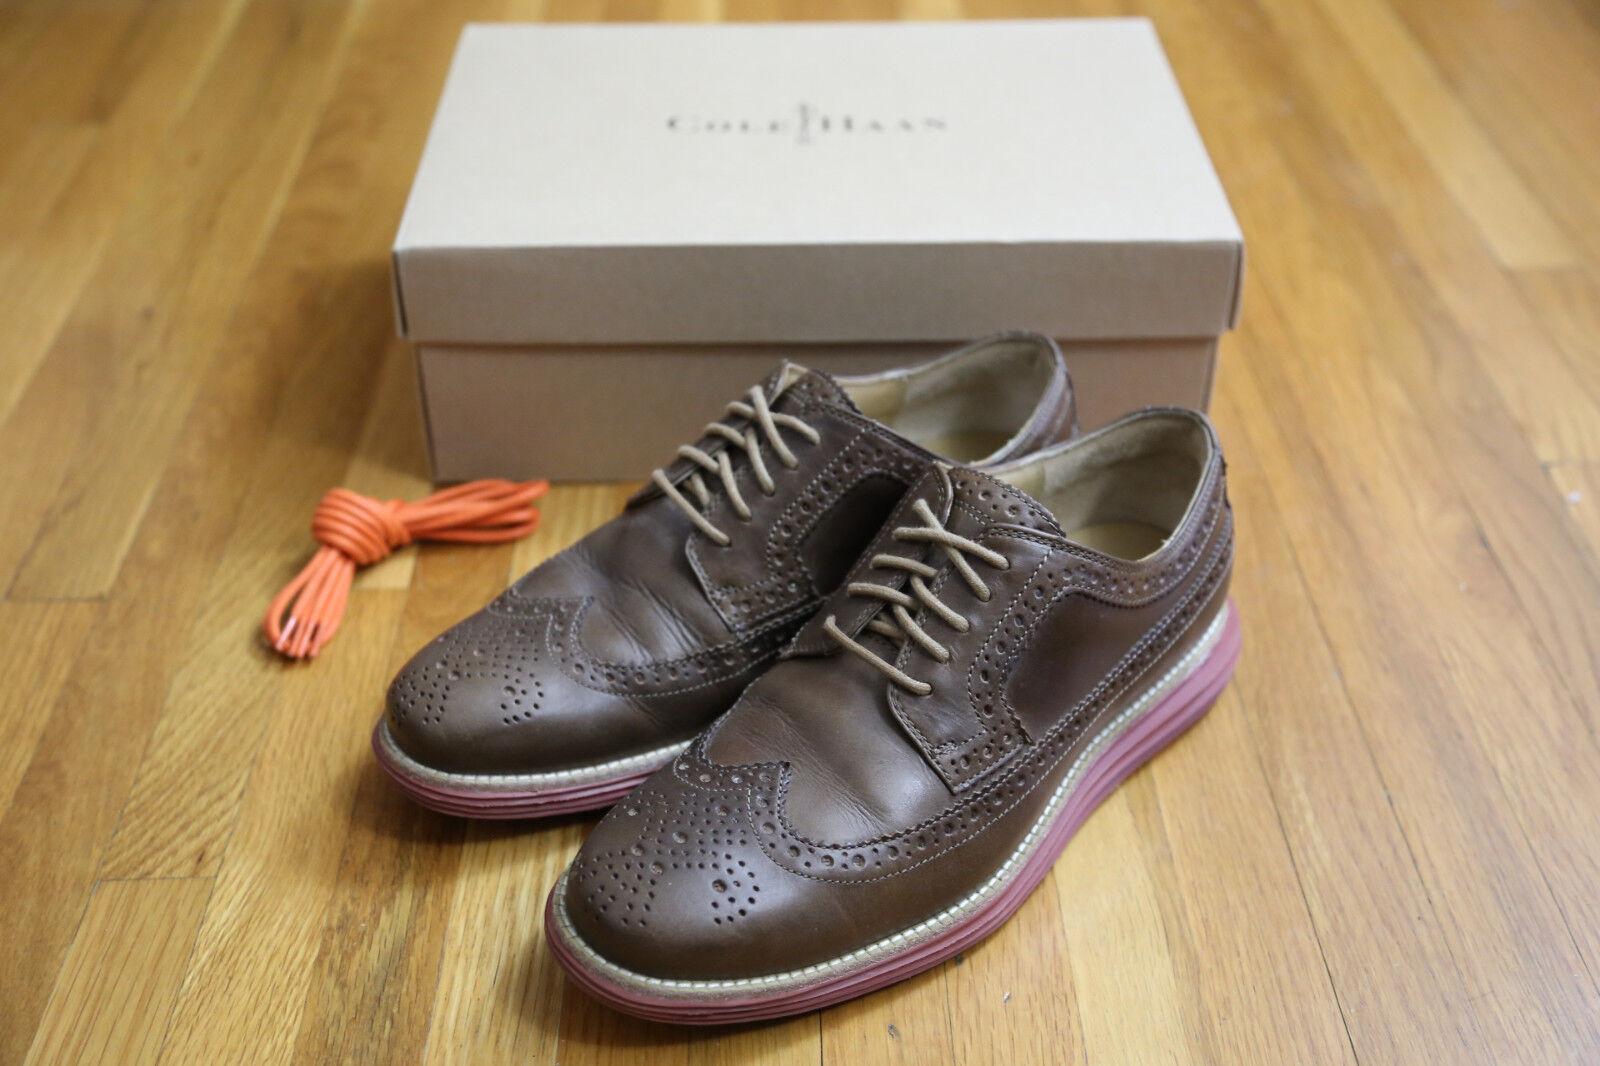 NicE  COLE Haan LUNARGRAND Wingtip TAN Brown 7.5 HORWEEN shoes Milkshake OXFORDS